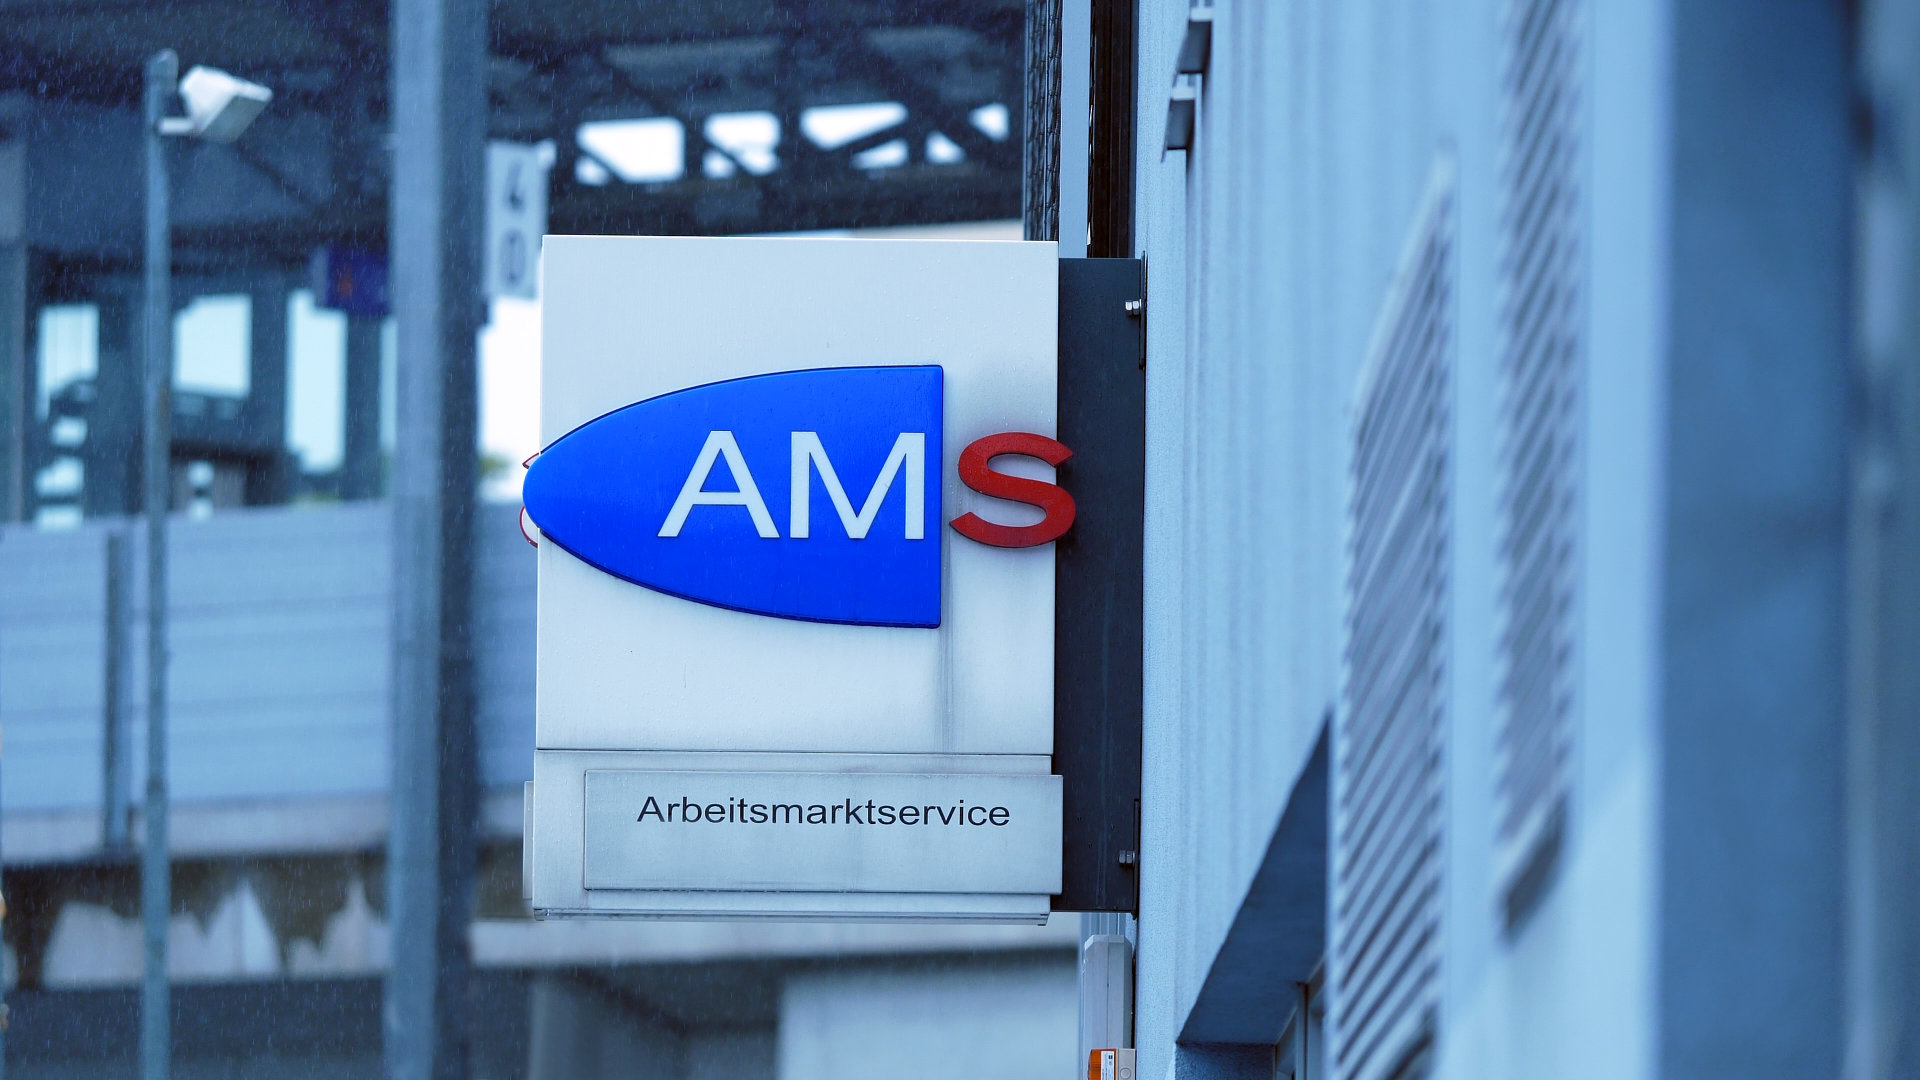 AMS braucht mehr Personal zur Bekämpfung der Arbeitsmarktkrise!